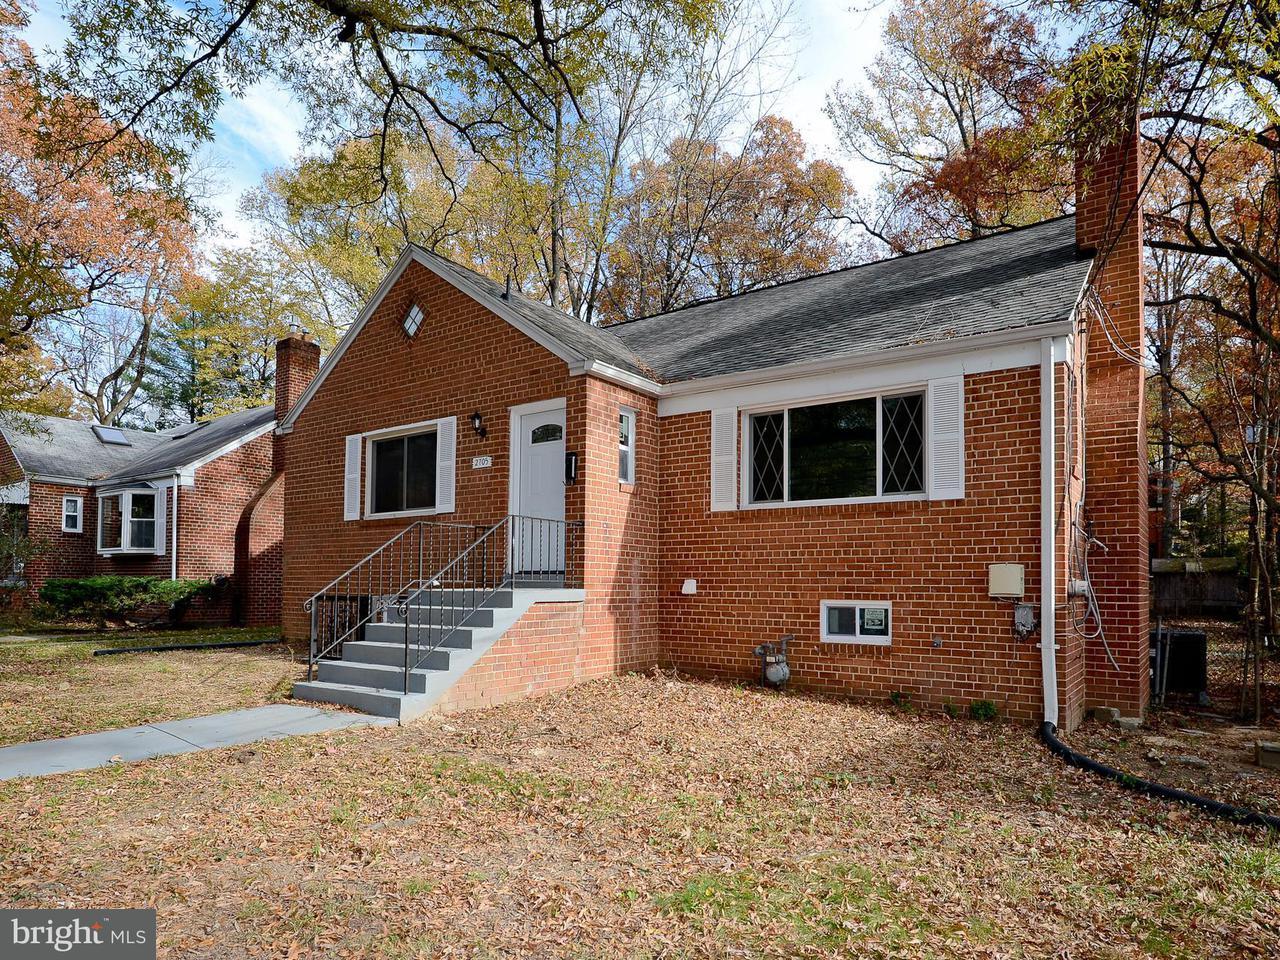 獨棟家庭住宅 為 出售 在 2705 VALLEY WAY 2705 VALLEY WAY Cheverly, 馬里蘭州 20785 美國